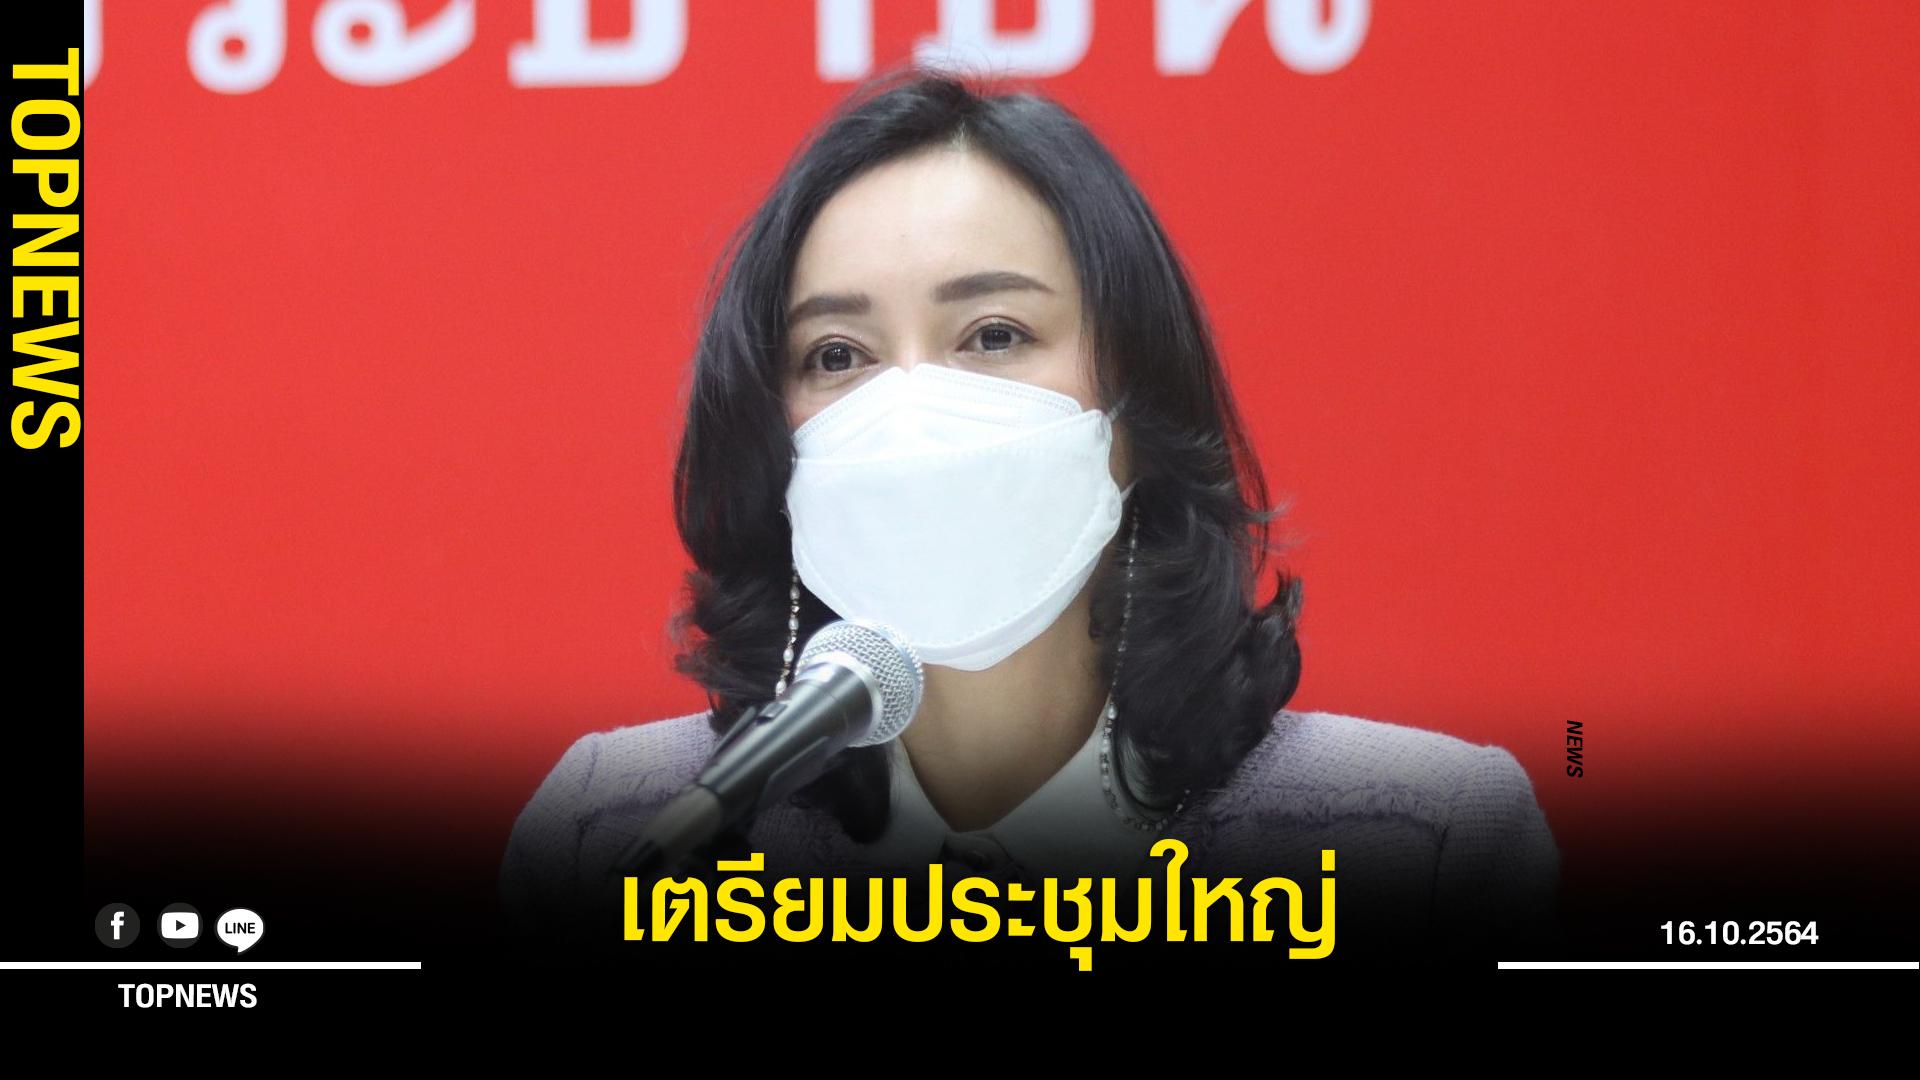 """เพื่อไทย เตรียมประชุมใหญ่ที่ขอนแก่น ชูธีม """"พรุ่งนี้เพื่อไทย : เพื่อชีวิตใหม่ของประชาชน"""""""